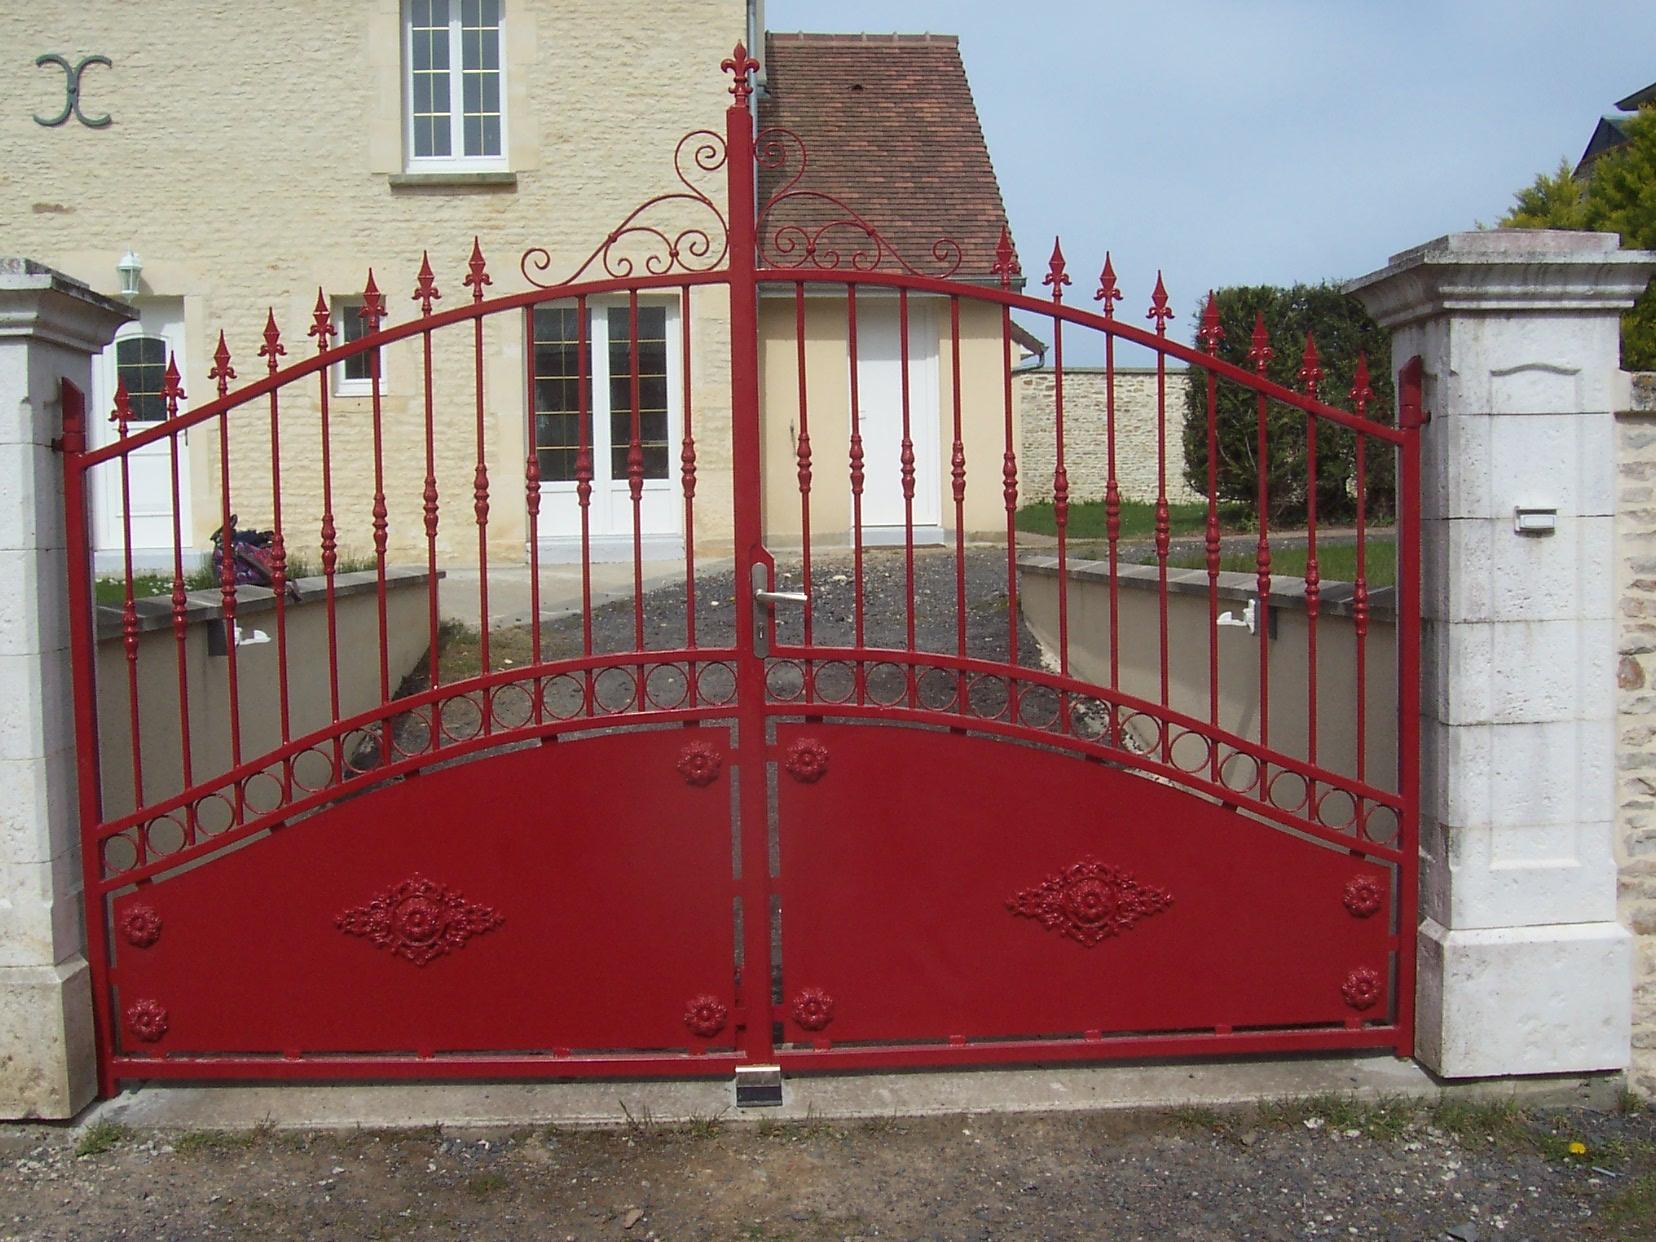 Création et fabrication complète par notre client d'un portail extérieur à partir de notre gamme de pièces détachées , barreaux, volutes , fers de lance et livraison en région Calvados